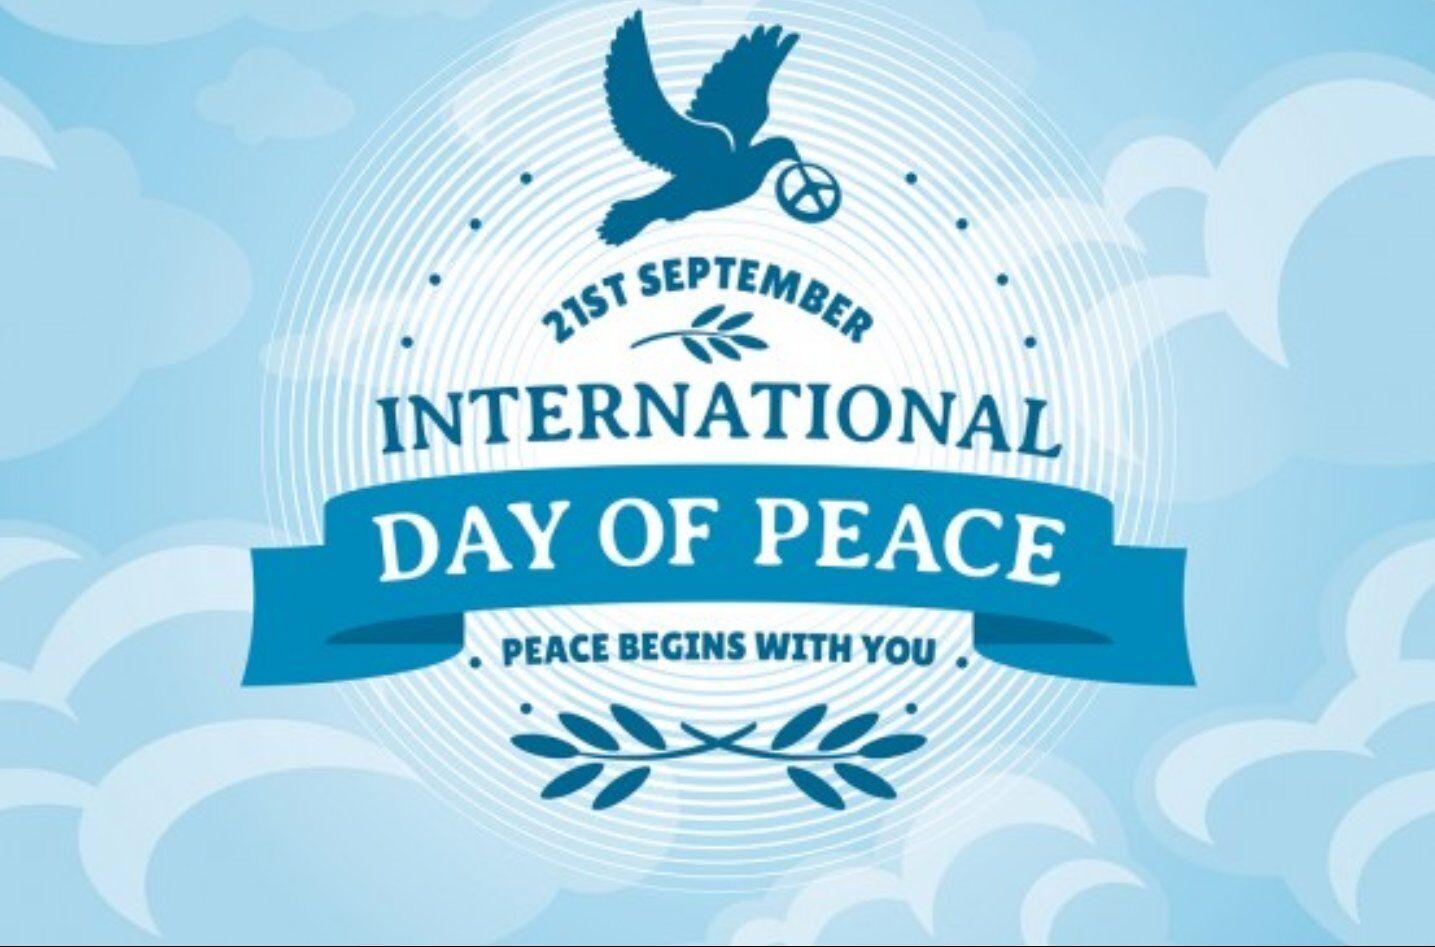 Міжнародний день миру відзначається з 1981 року